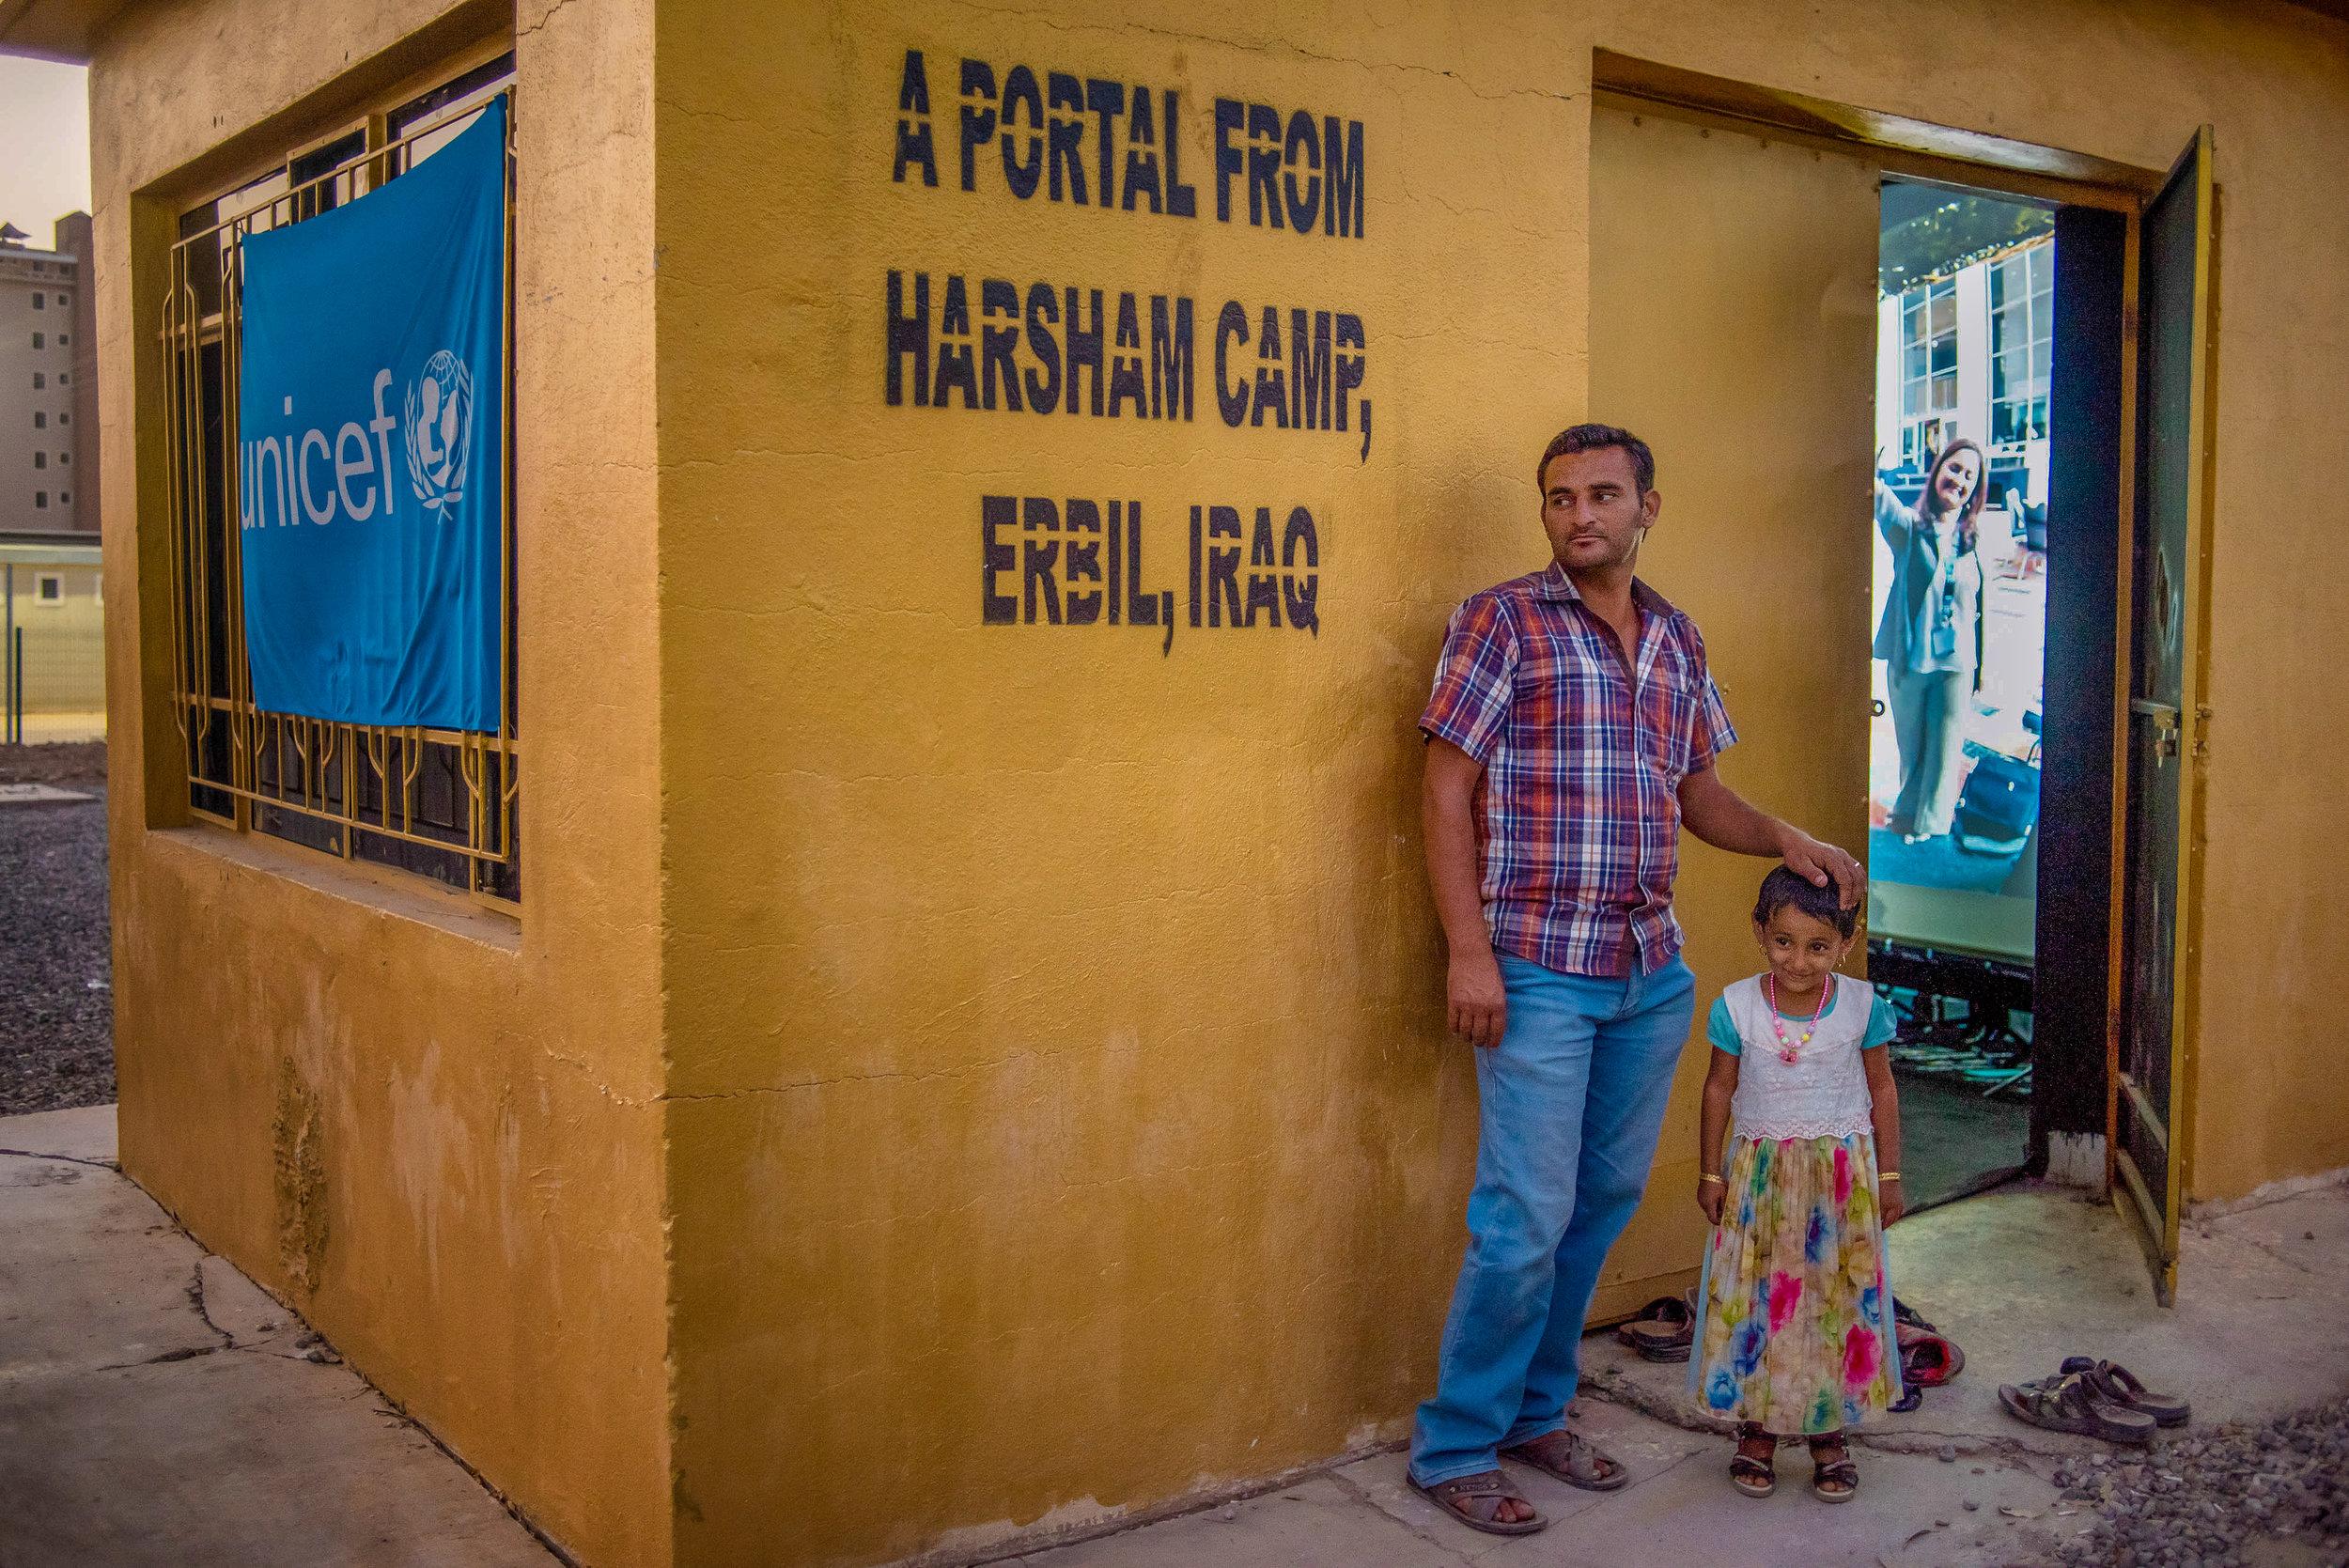 Shared_Studios+Portal+in+Erbil,+Iraq.jpg